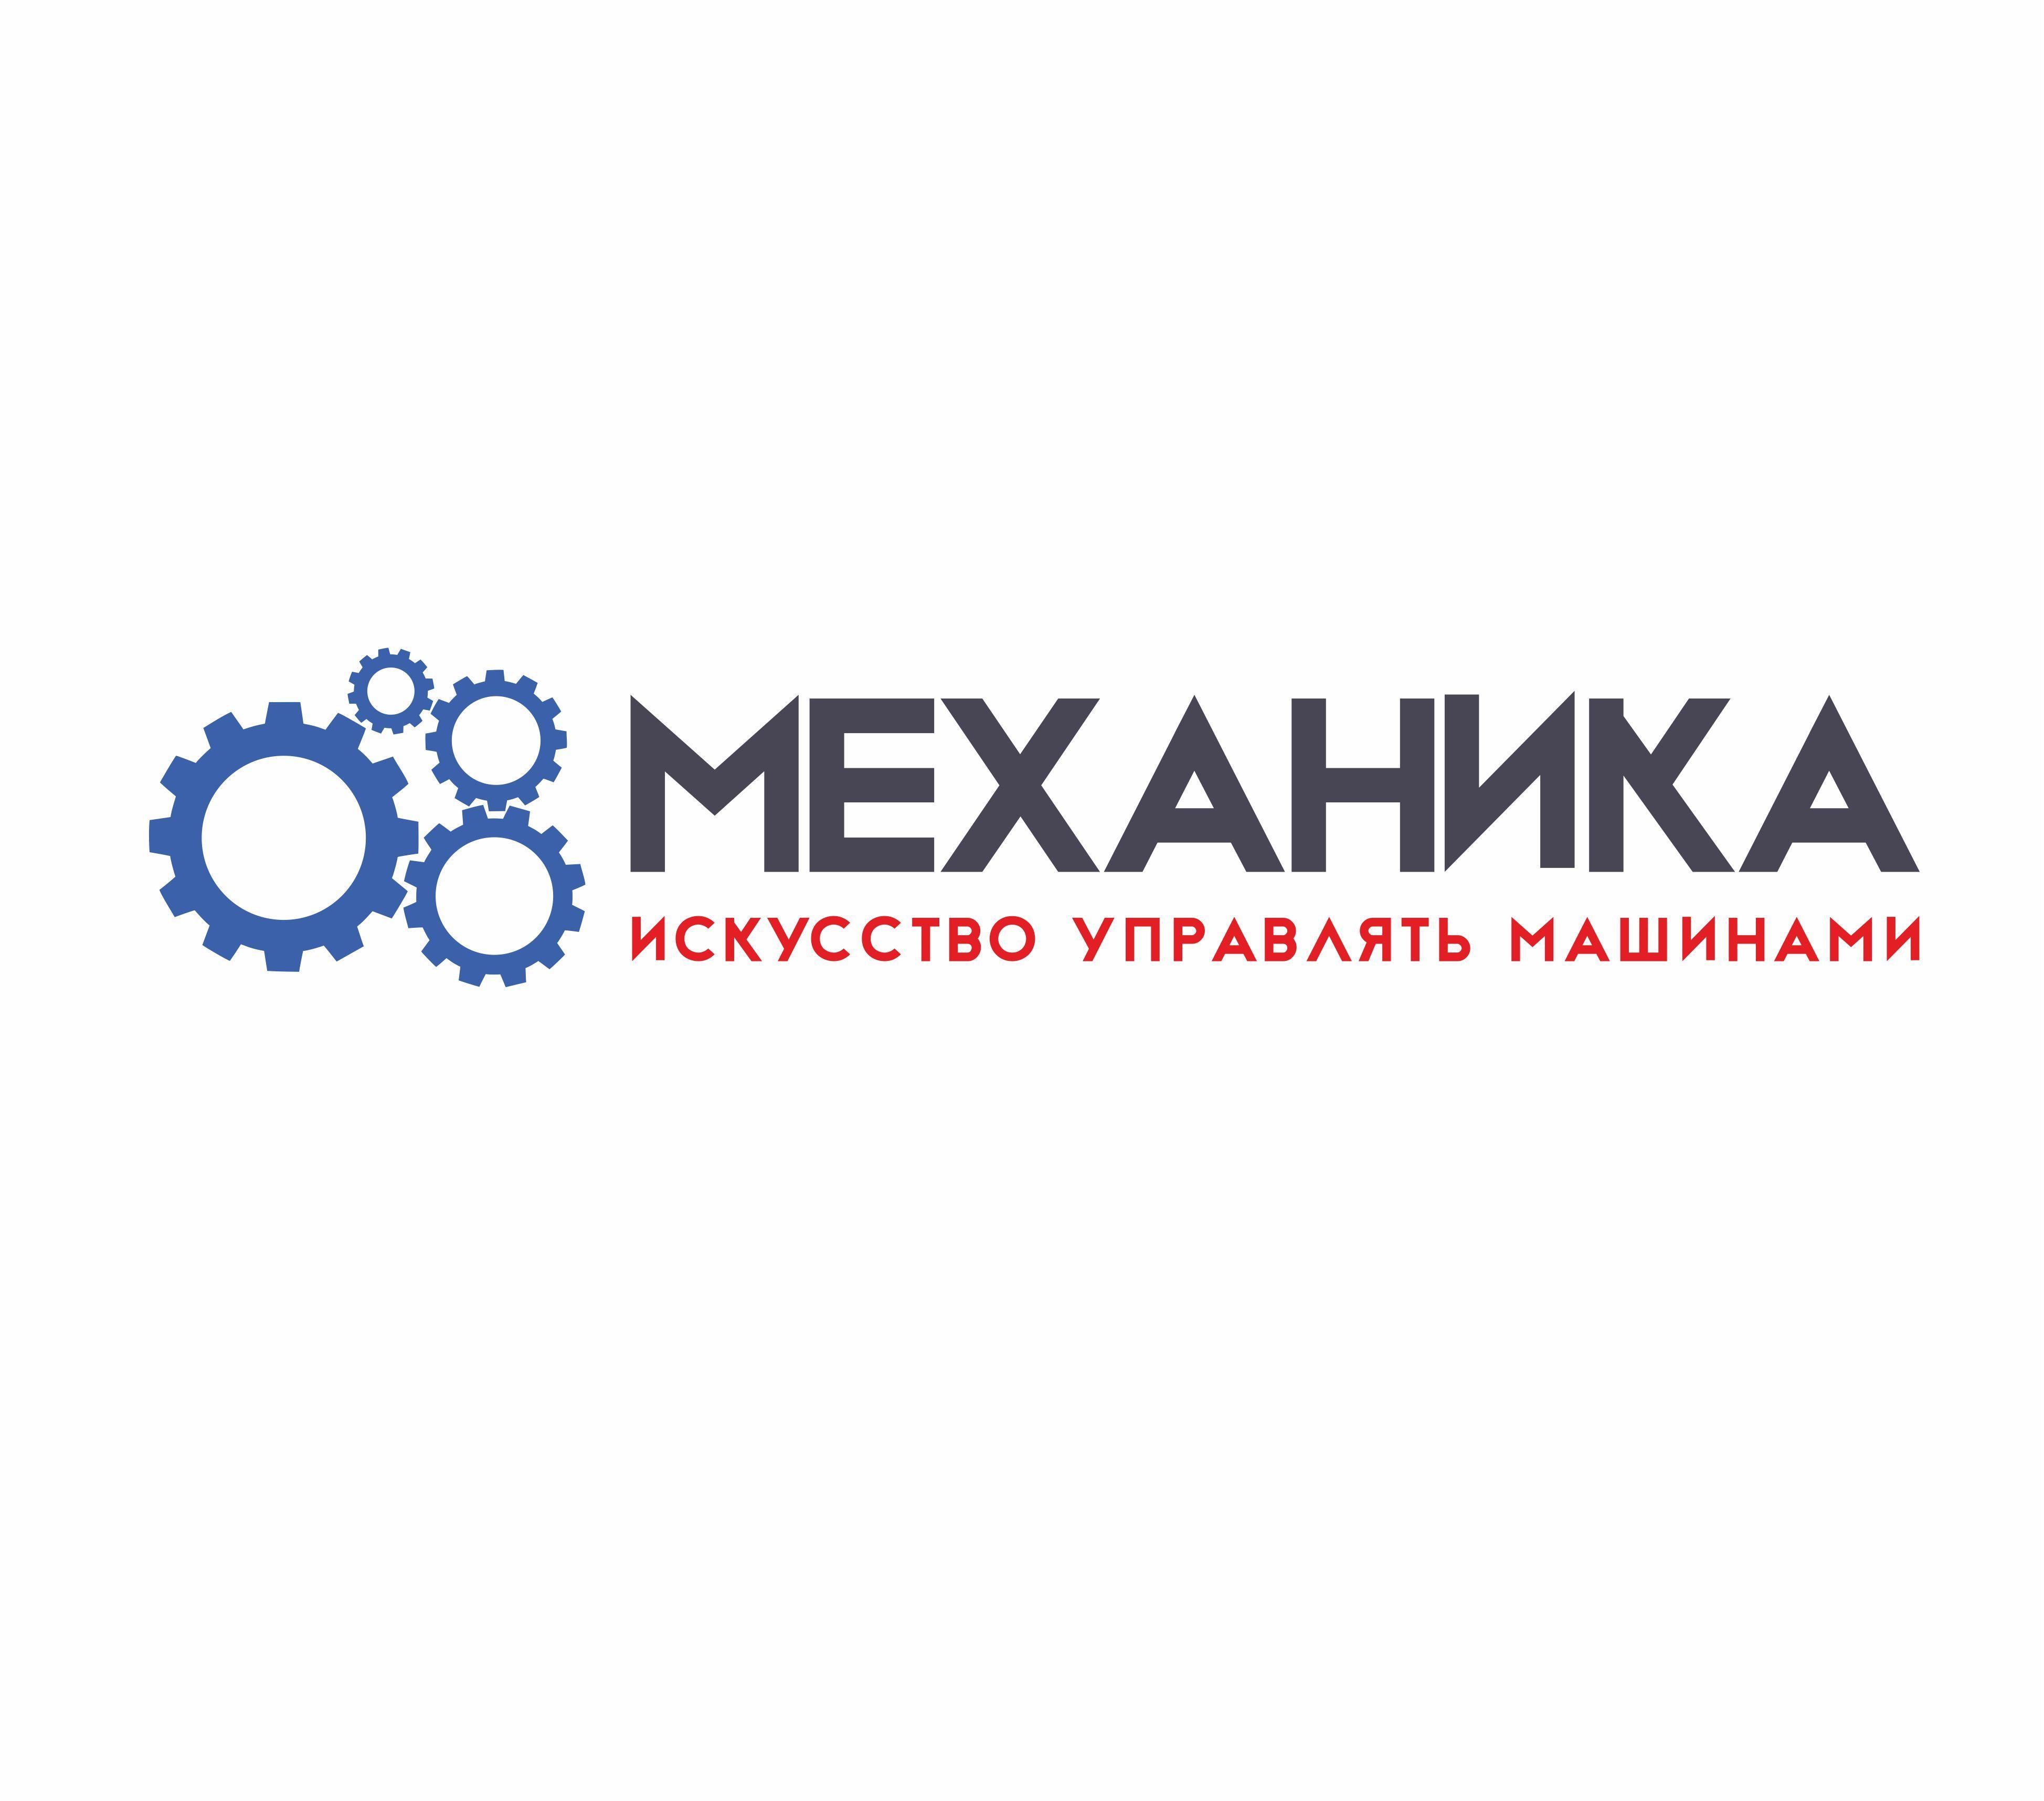 Логотип для магазина автозапчасти 'Механика' - дизайнер janezol